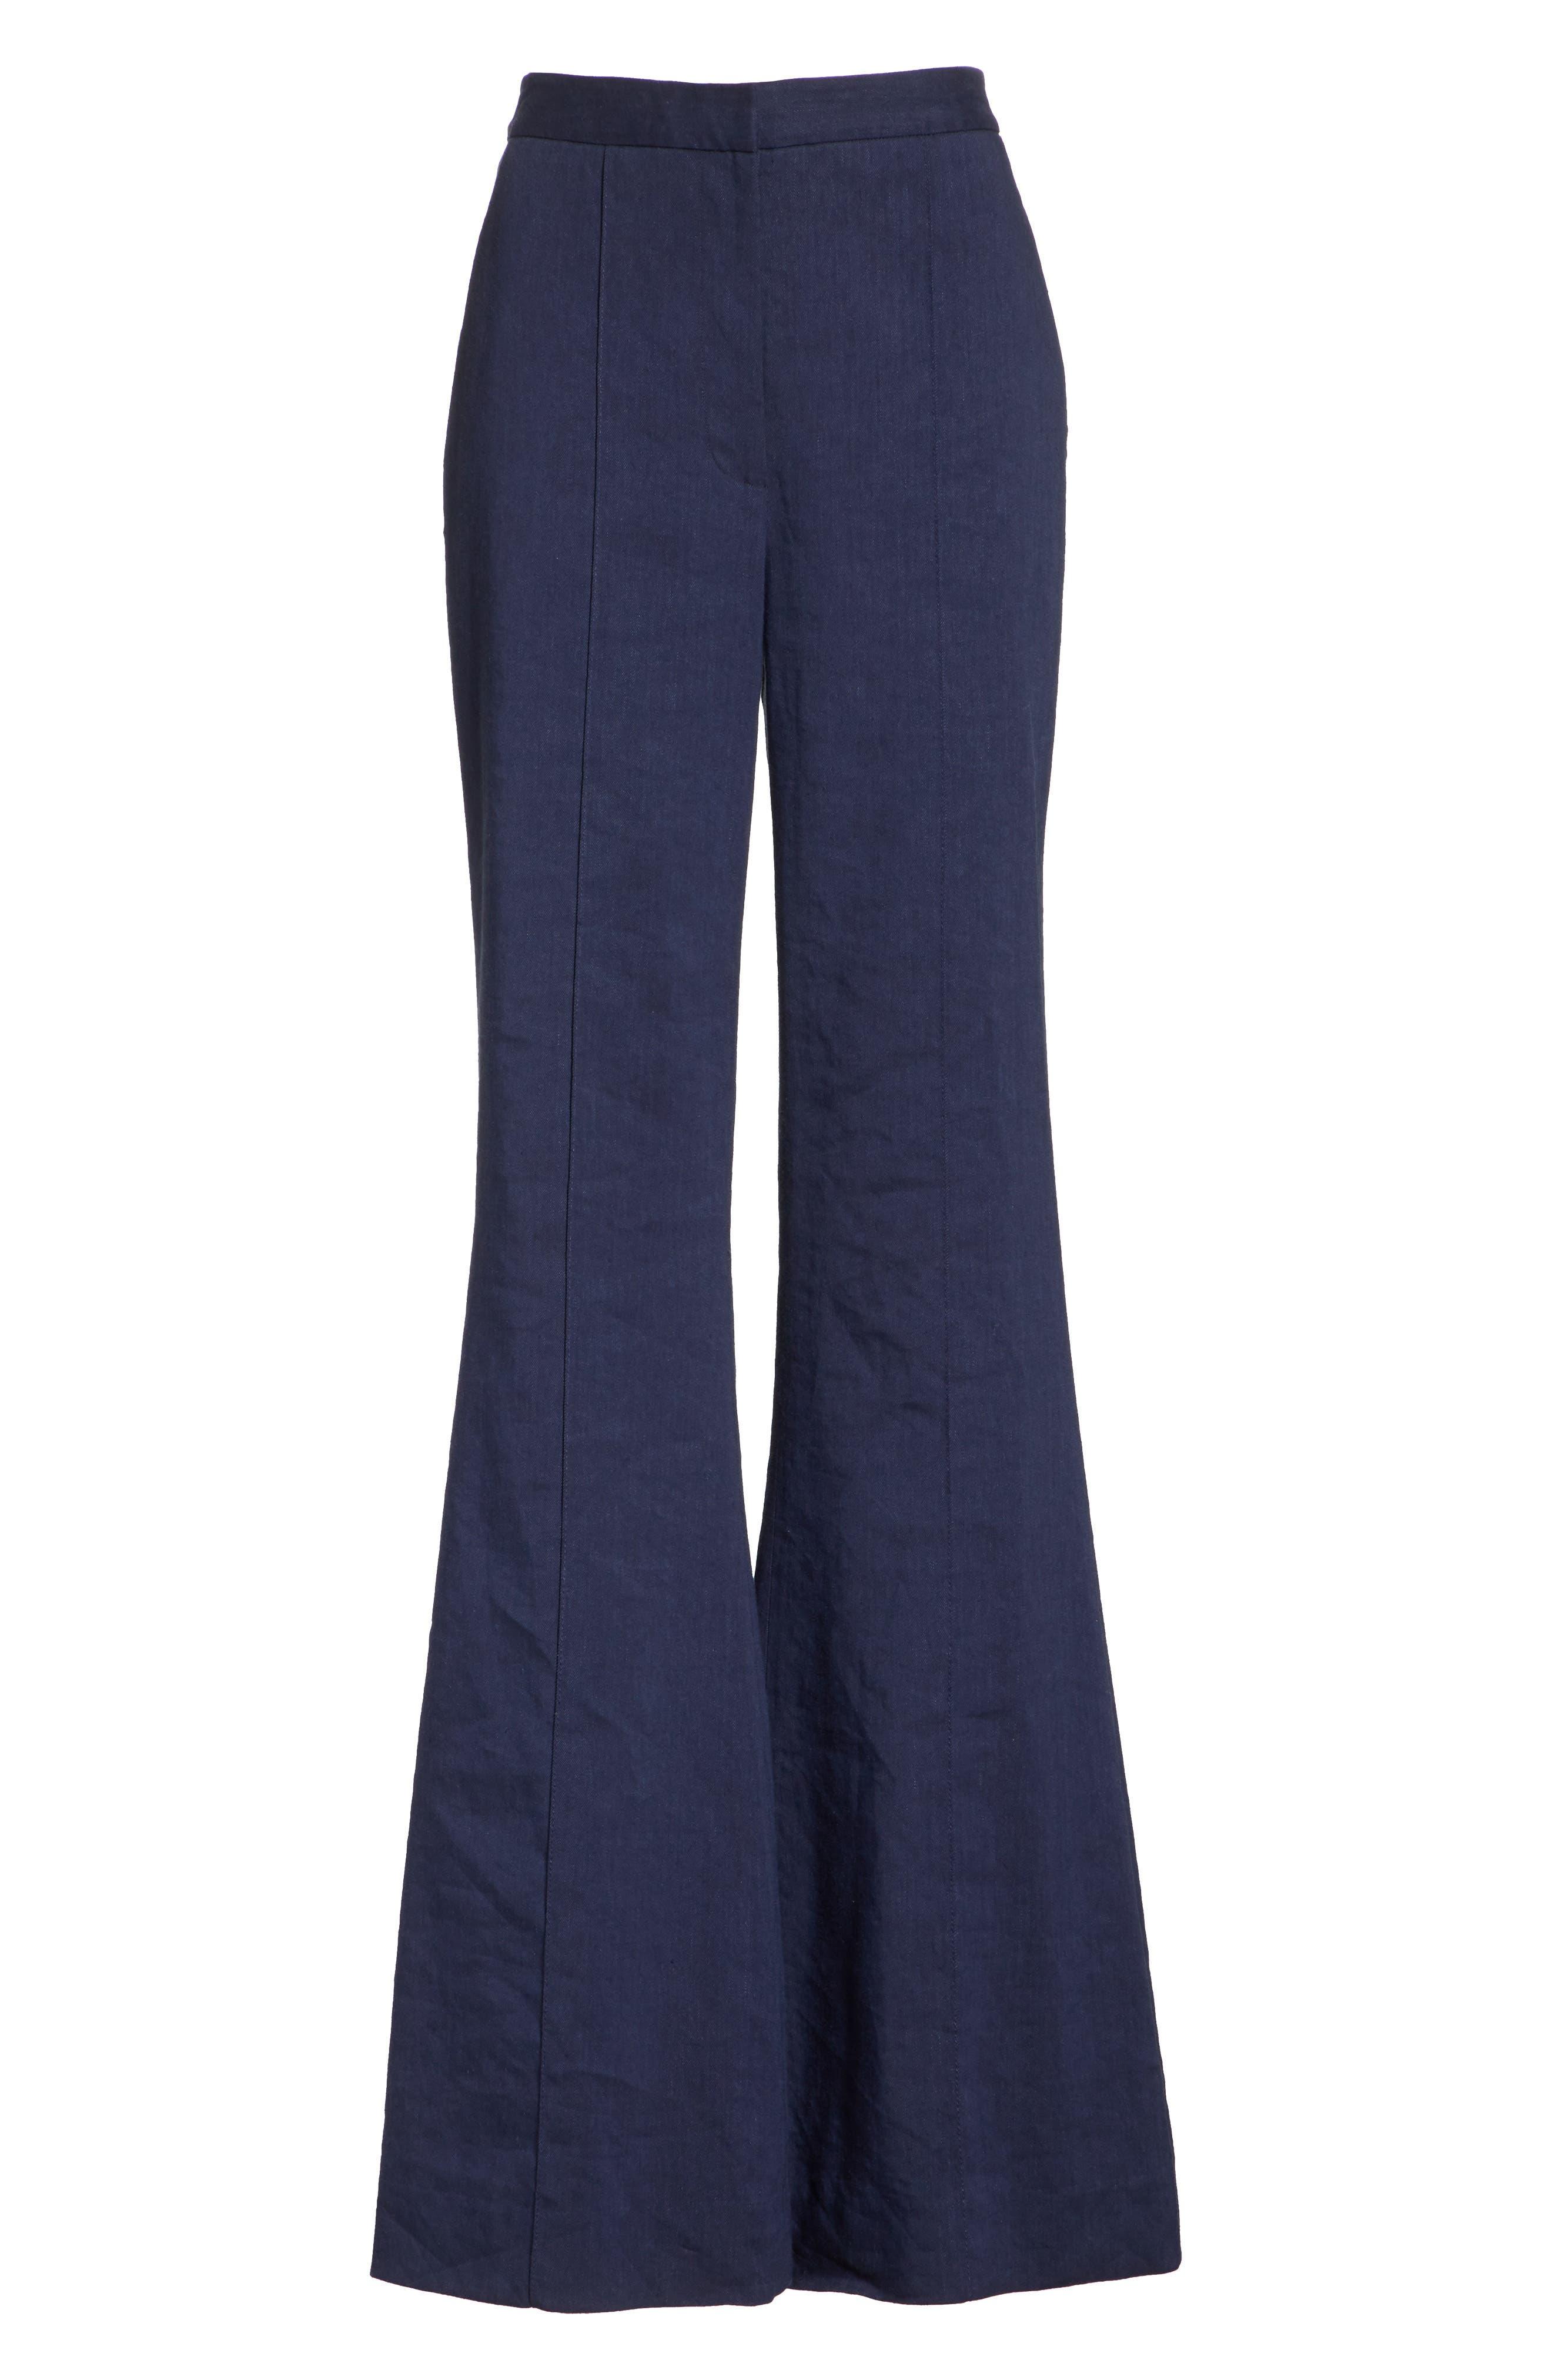 Diane von Furstenberg Pleat Front Flare Stretch Linen Blend Pants,                             Alternate thumbnail 6, color,                             485